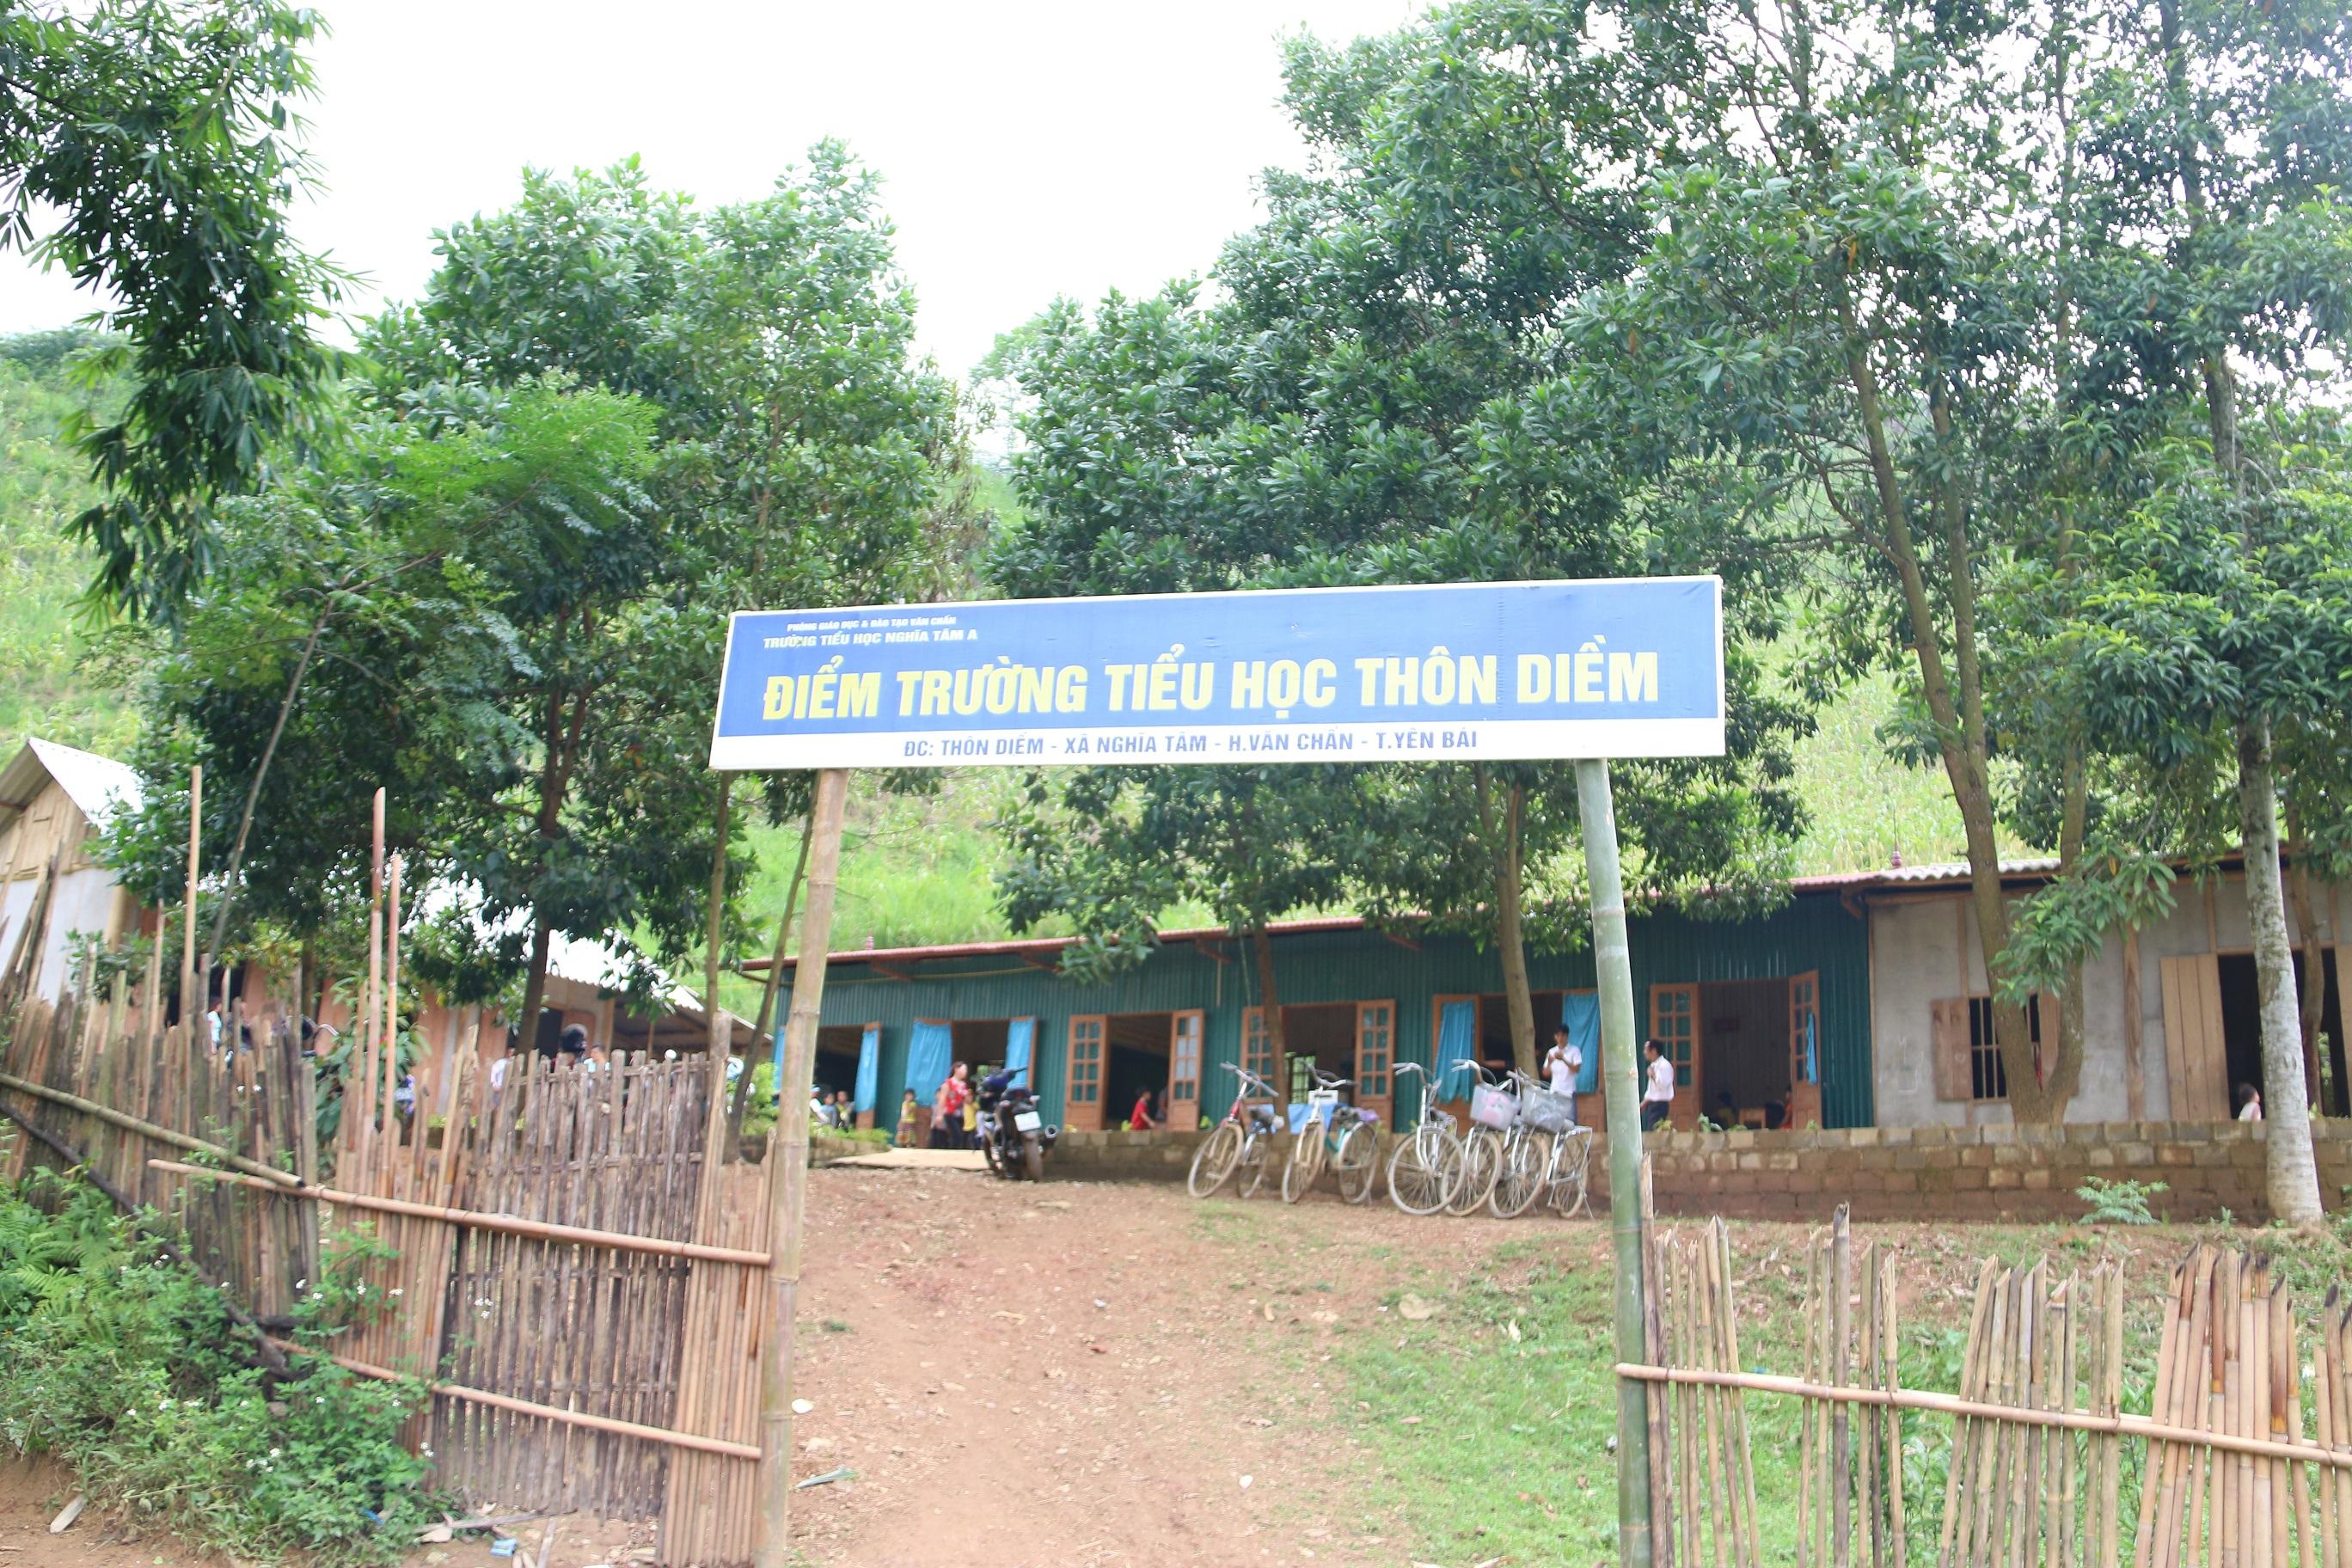 Điểm trường tiểu học thôn Diềm, xã Nghĩa Tâm, huyện Văn Chấn, tỉnh Yên Bái